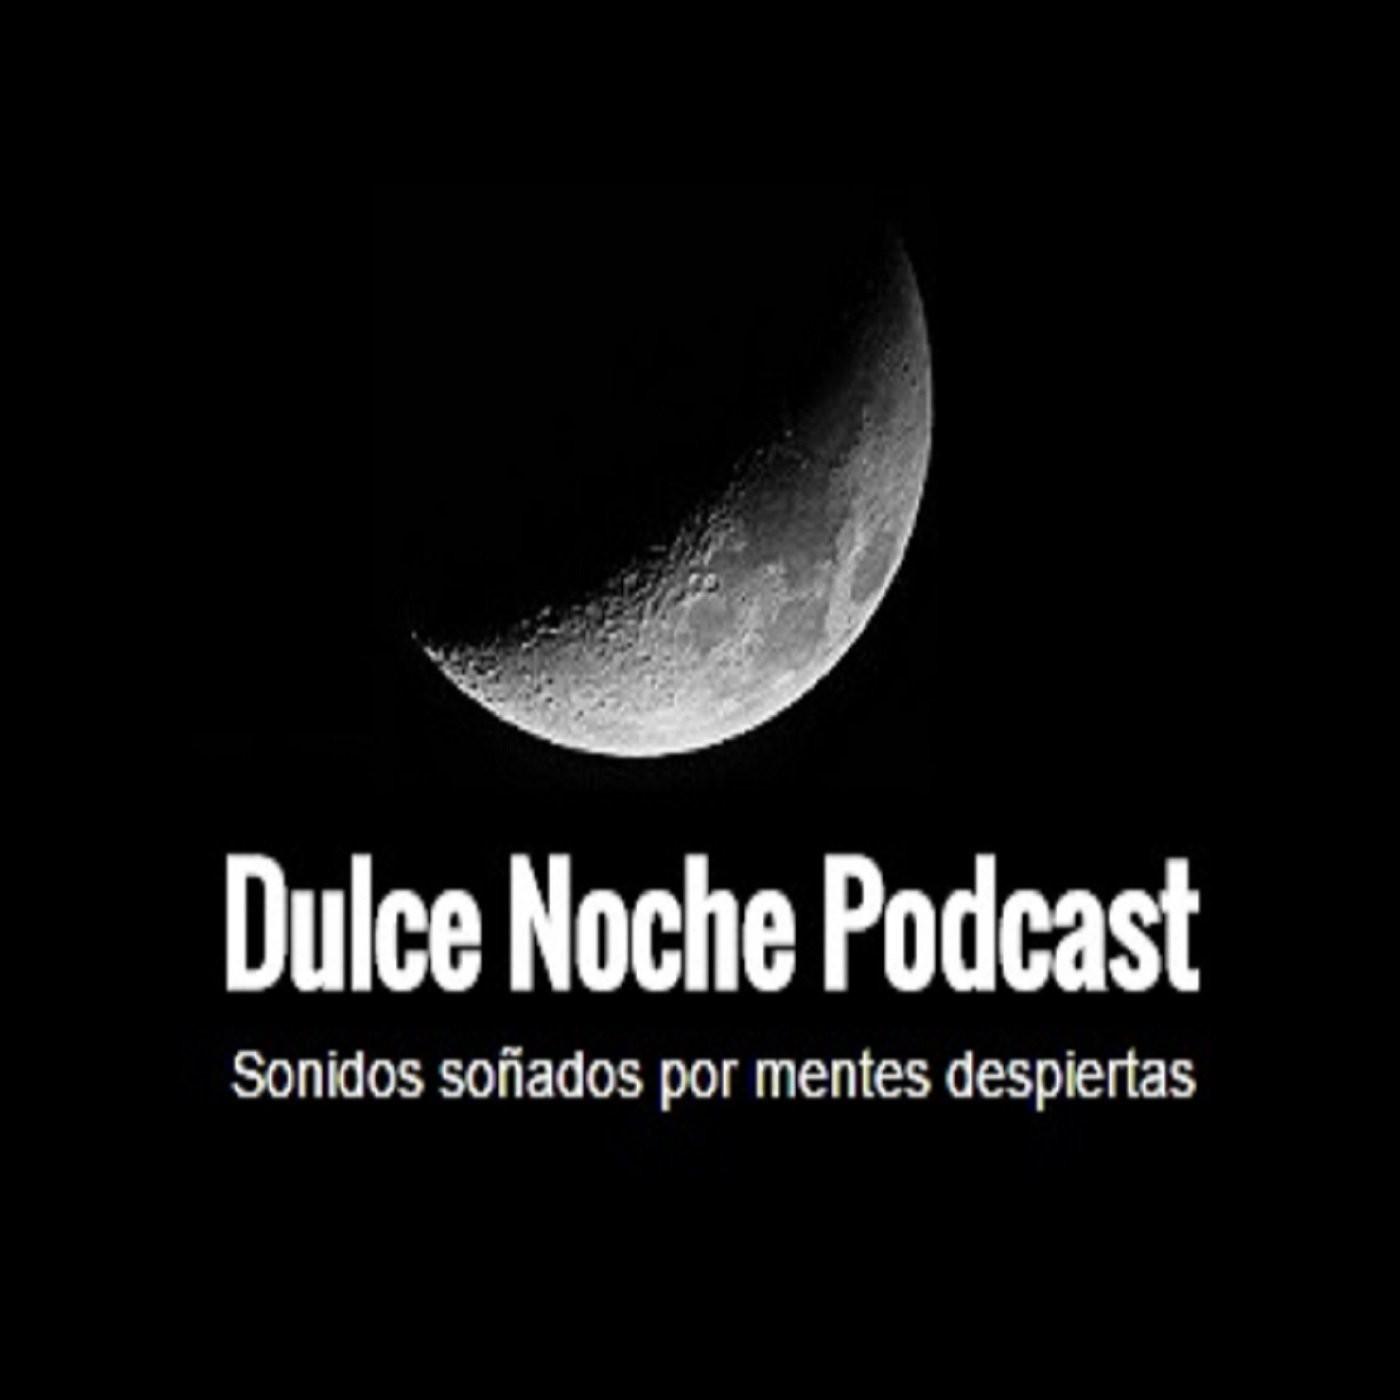 <![CDATA[Dulce Noche]]>